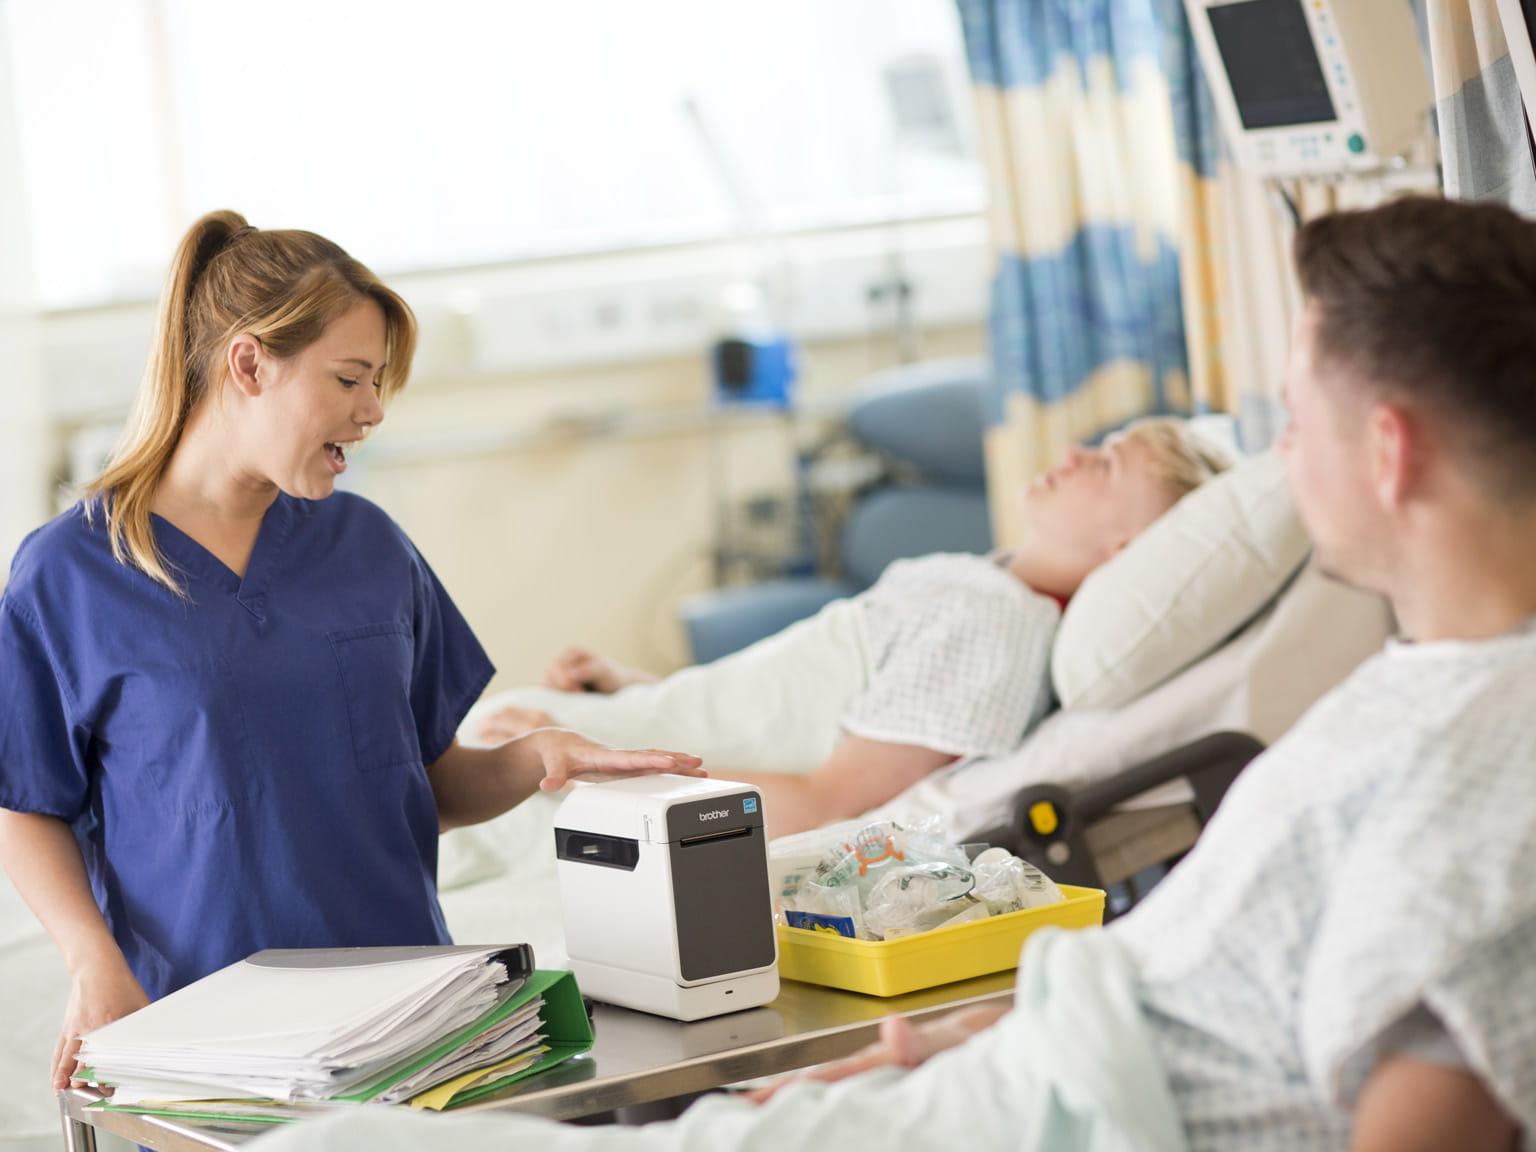 Etikettskriver ved sykehusseng